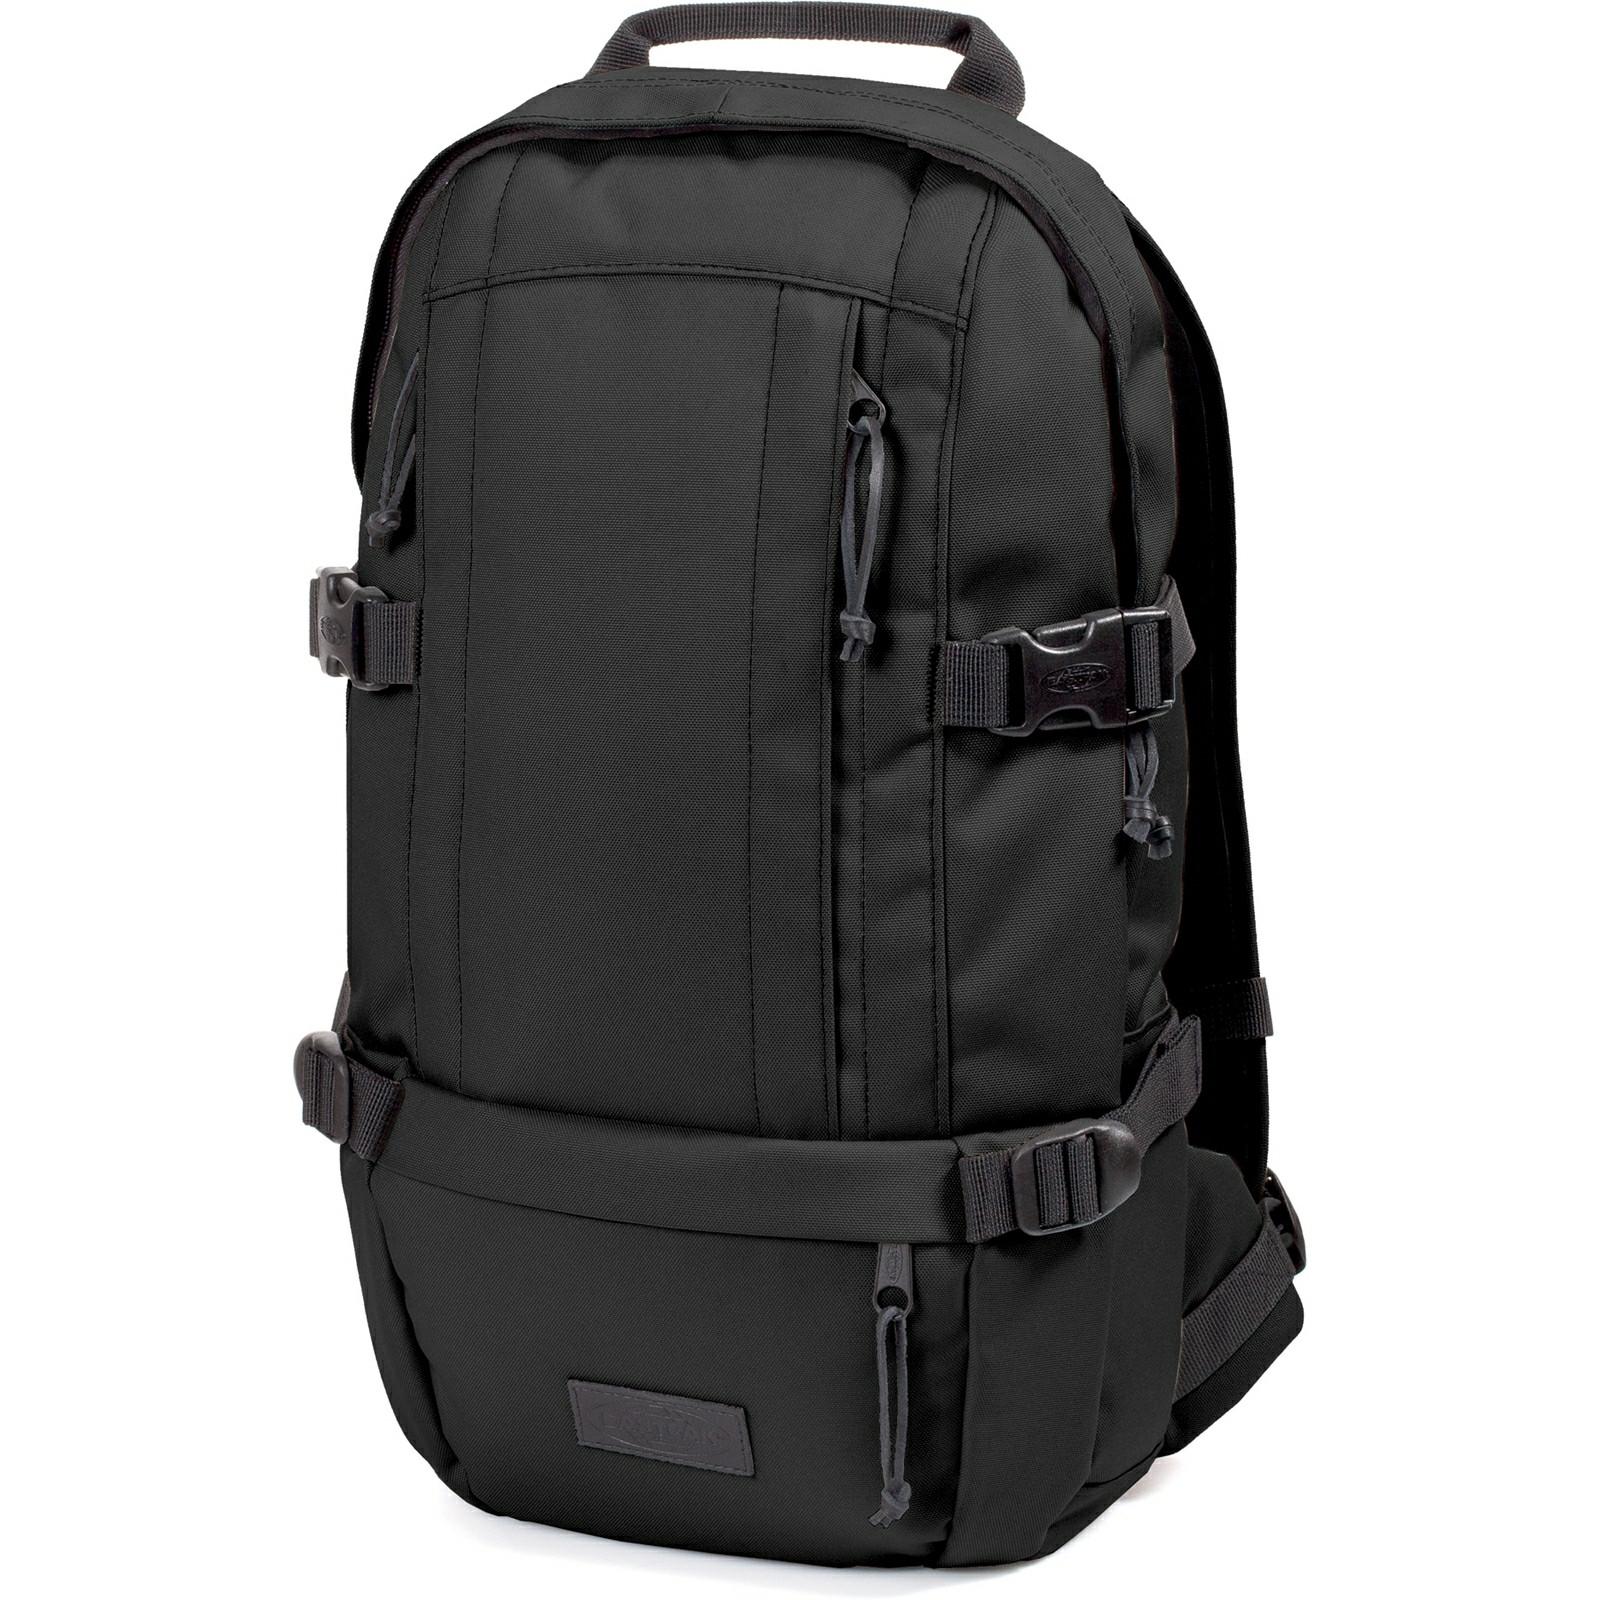 341ccf9f69c Eastpak Floid rygsæk --> Køb online hos helm.nu